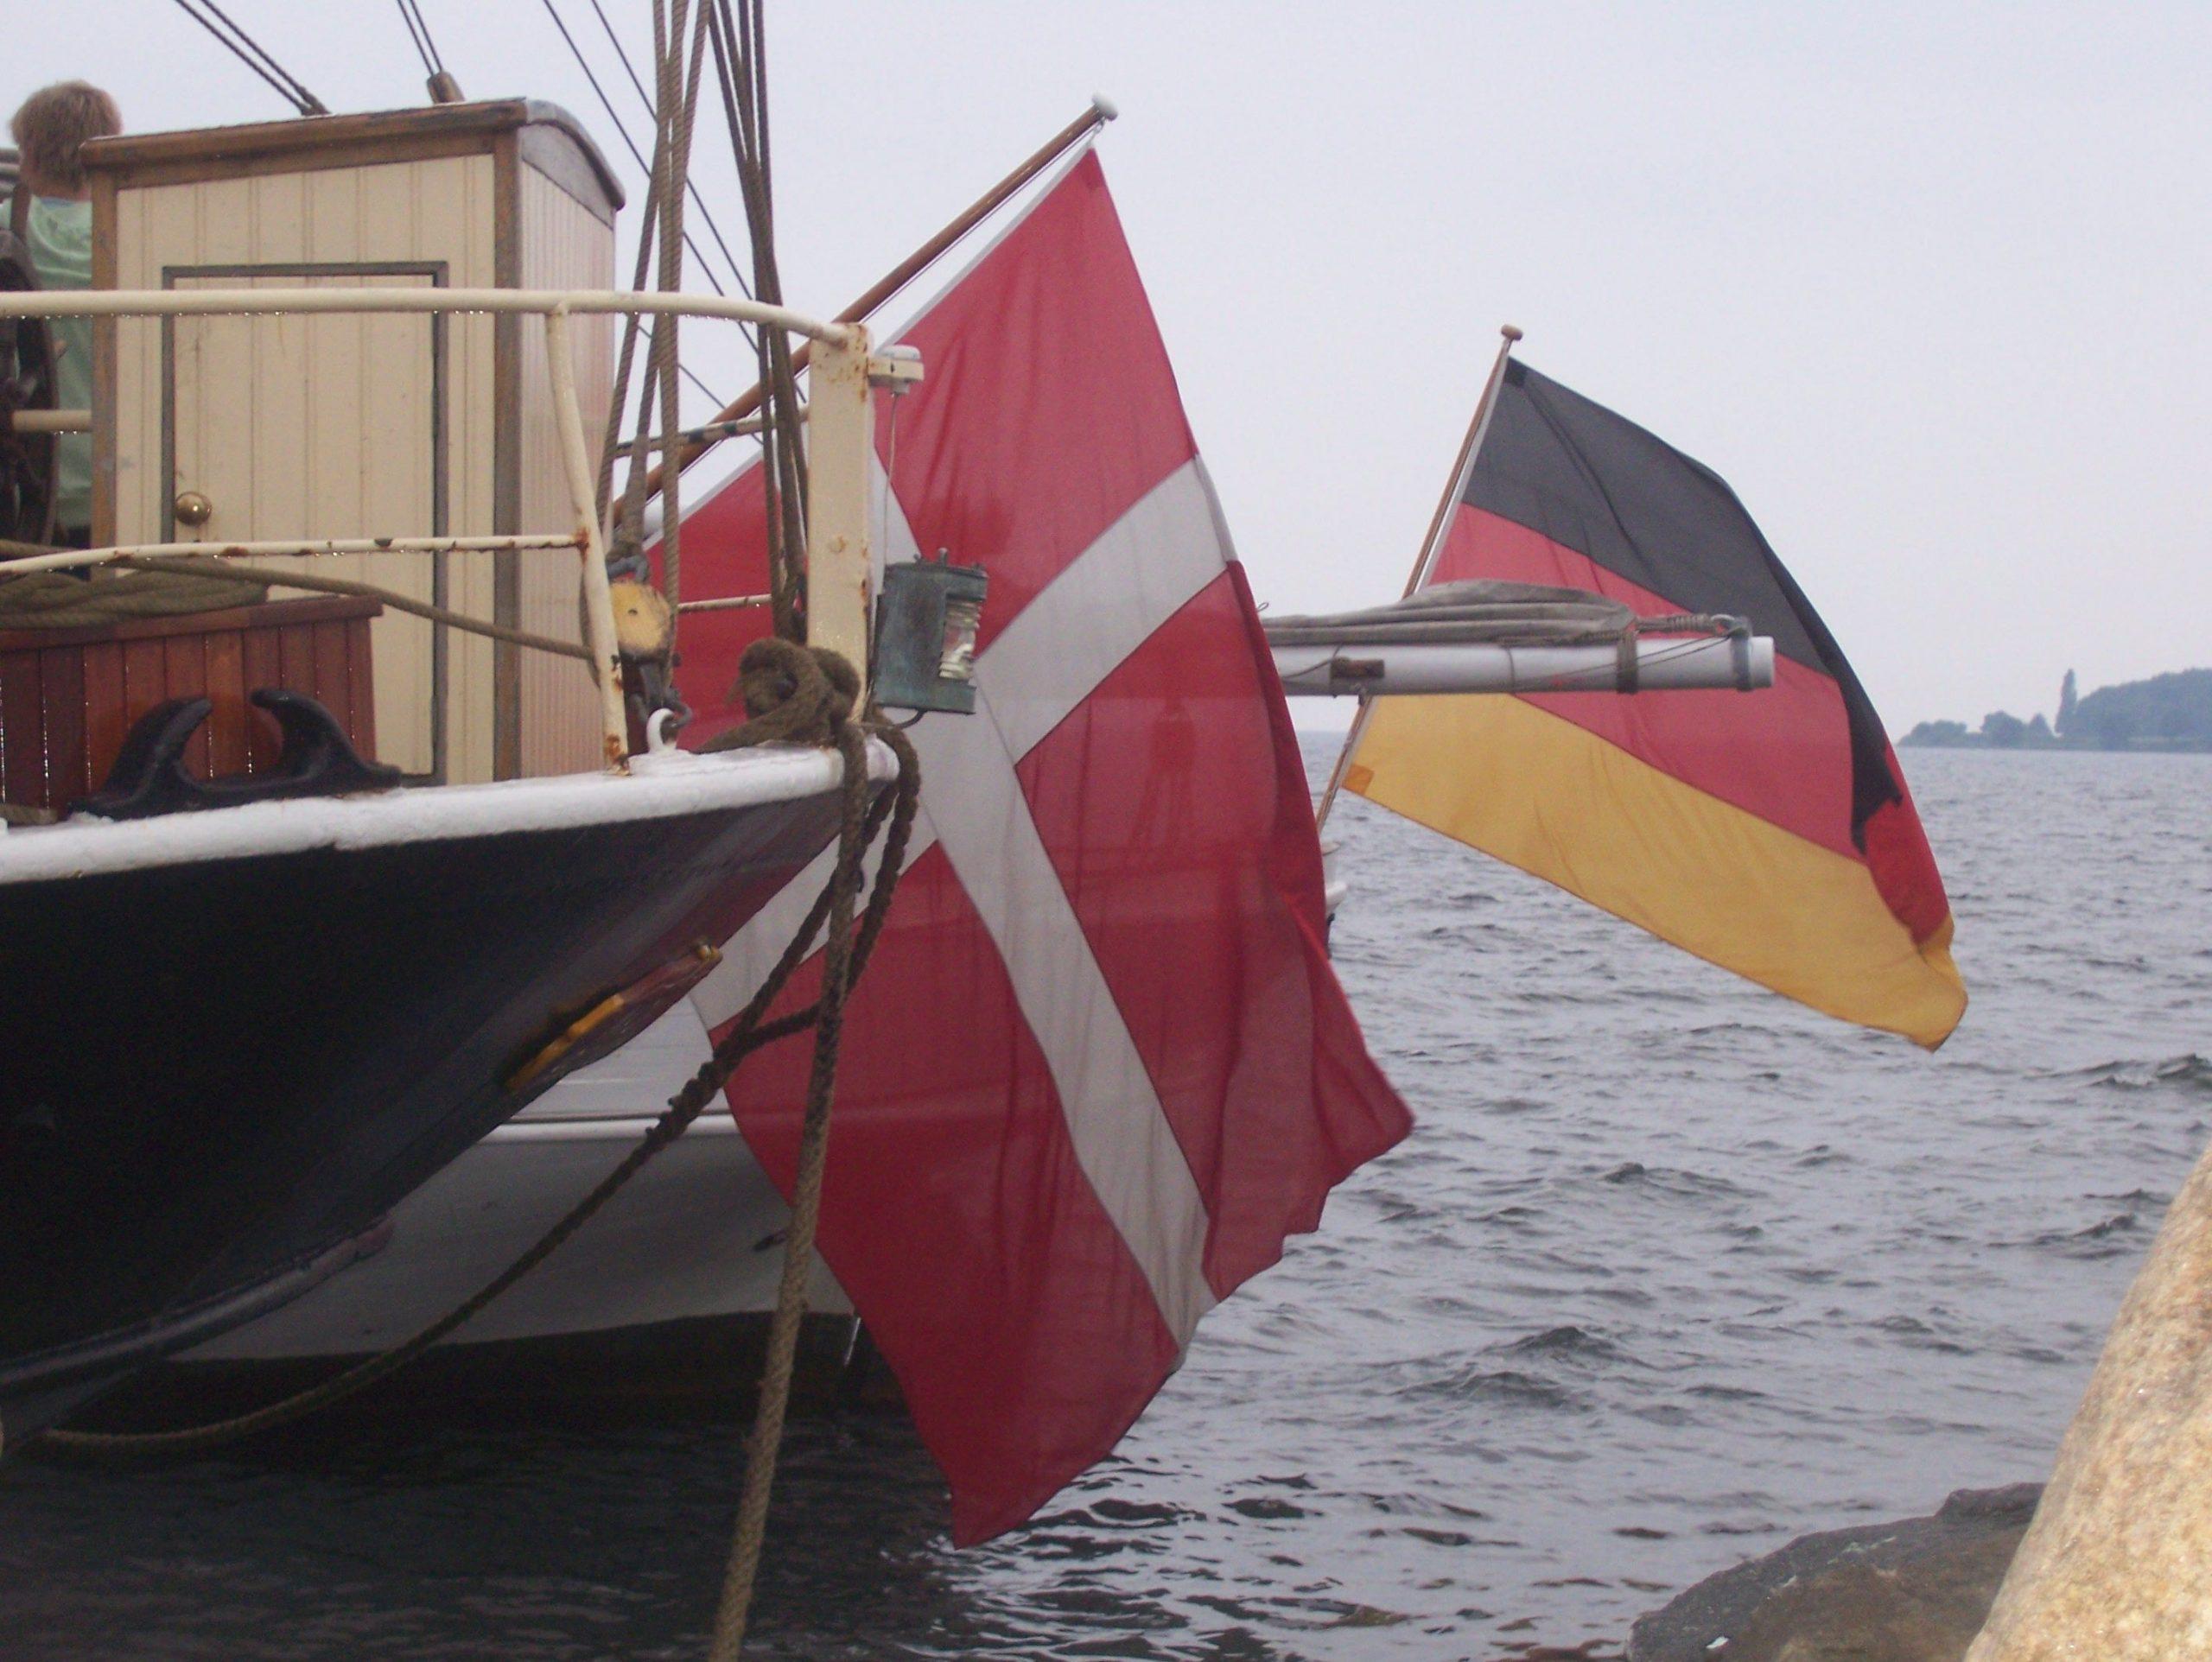 Nebeneinander in einem dänischen Hafen. Man spricht sønderjysk. (C) Clees